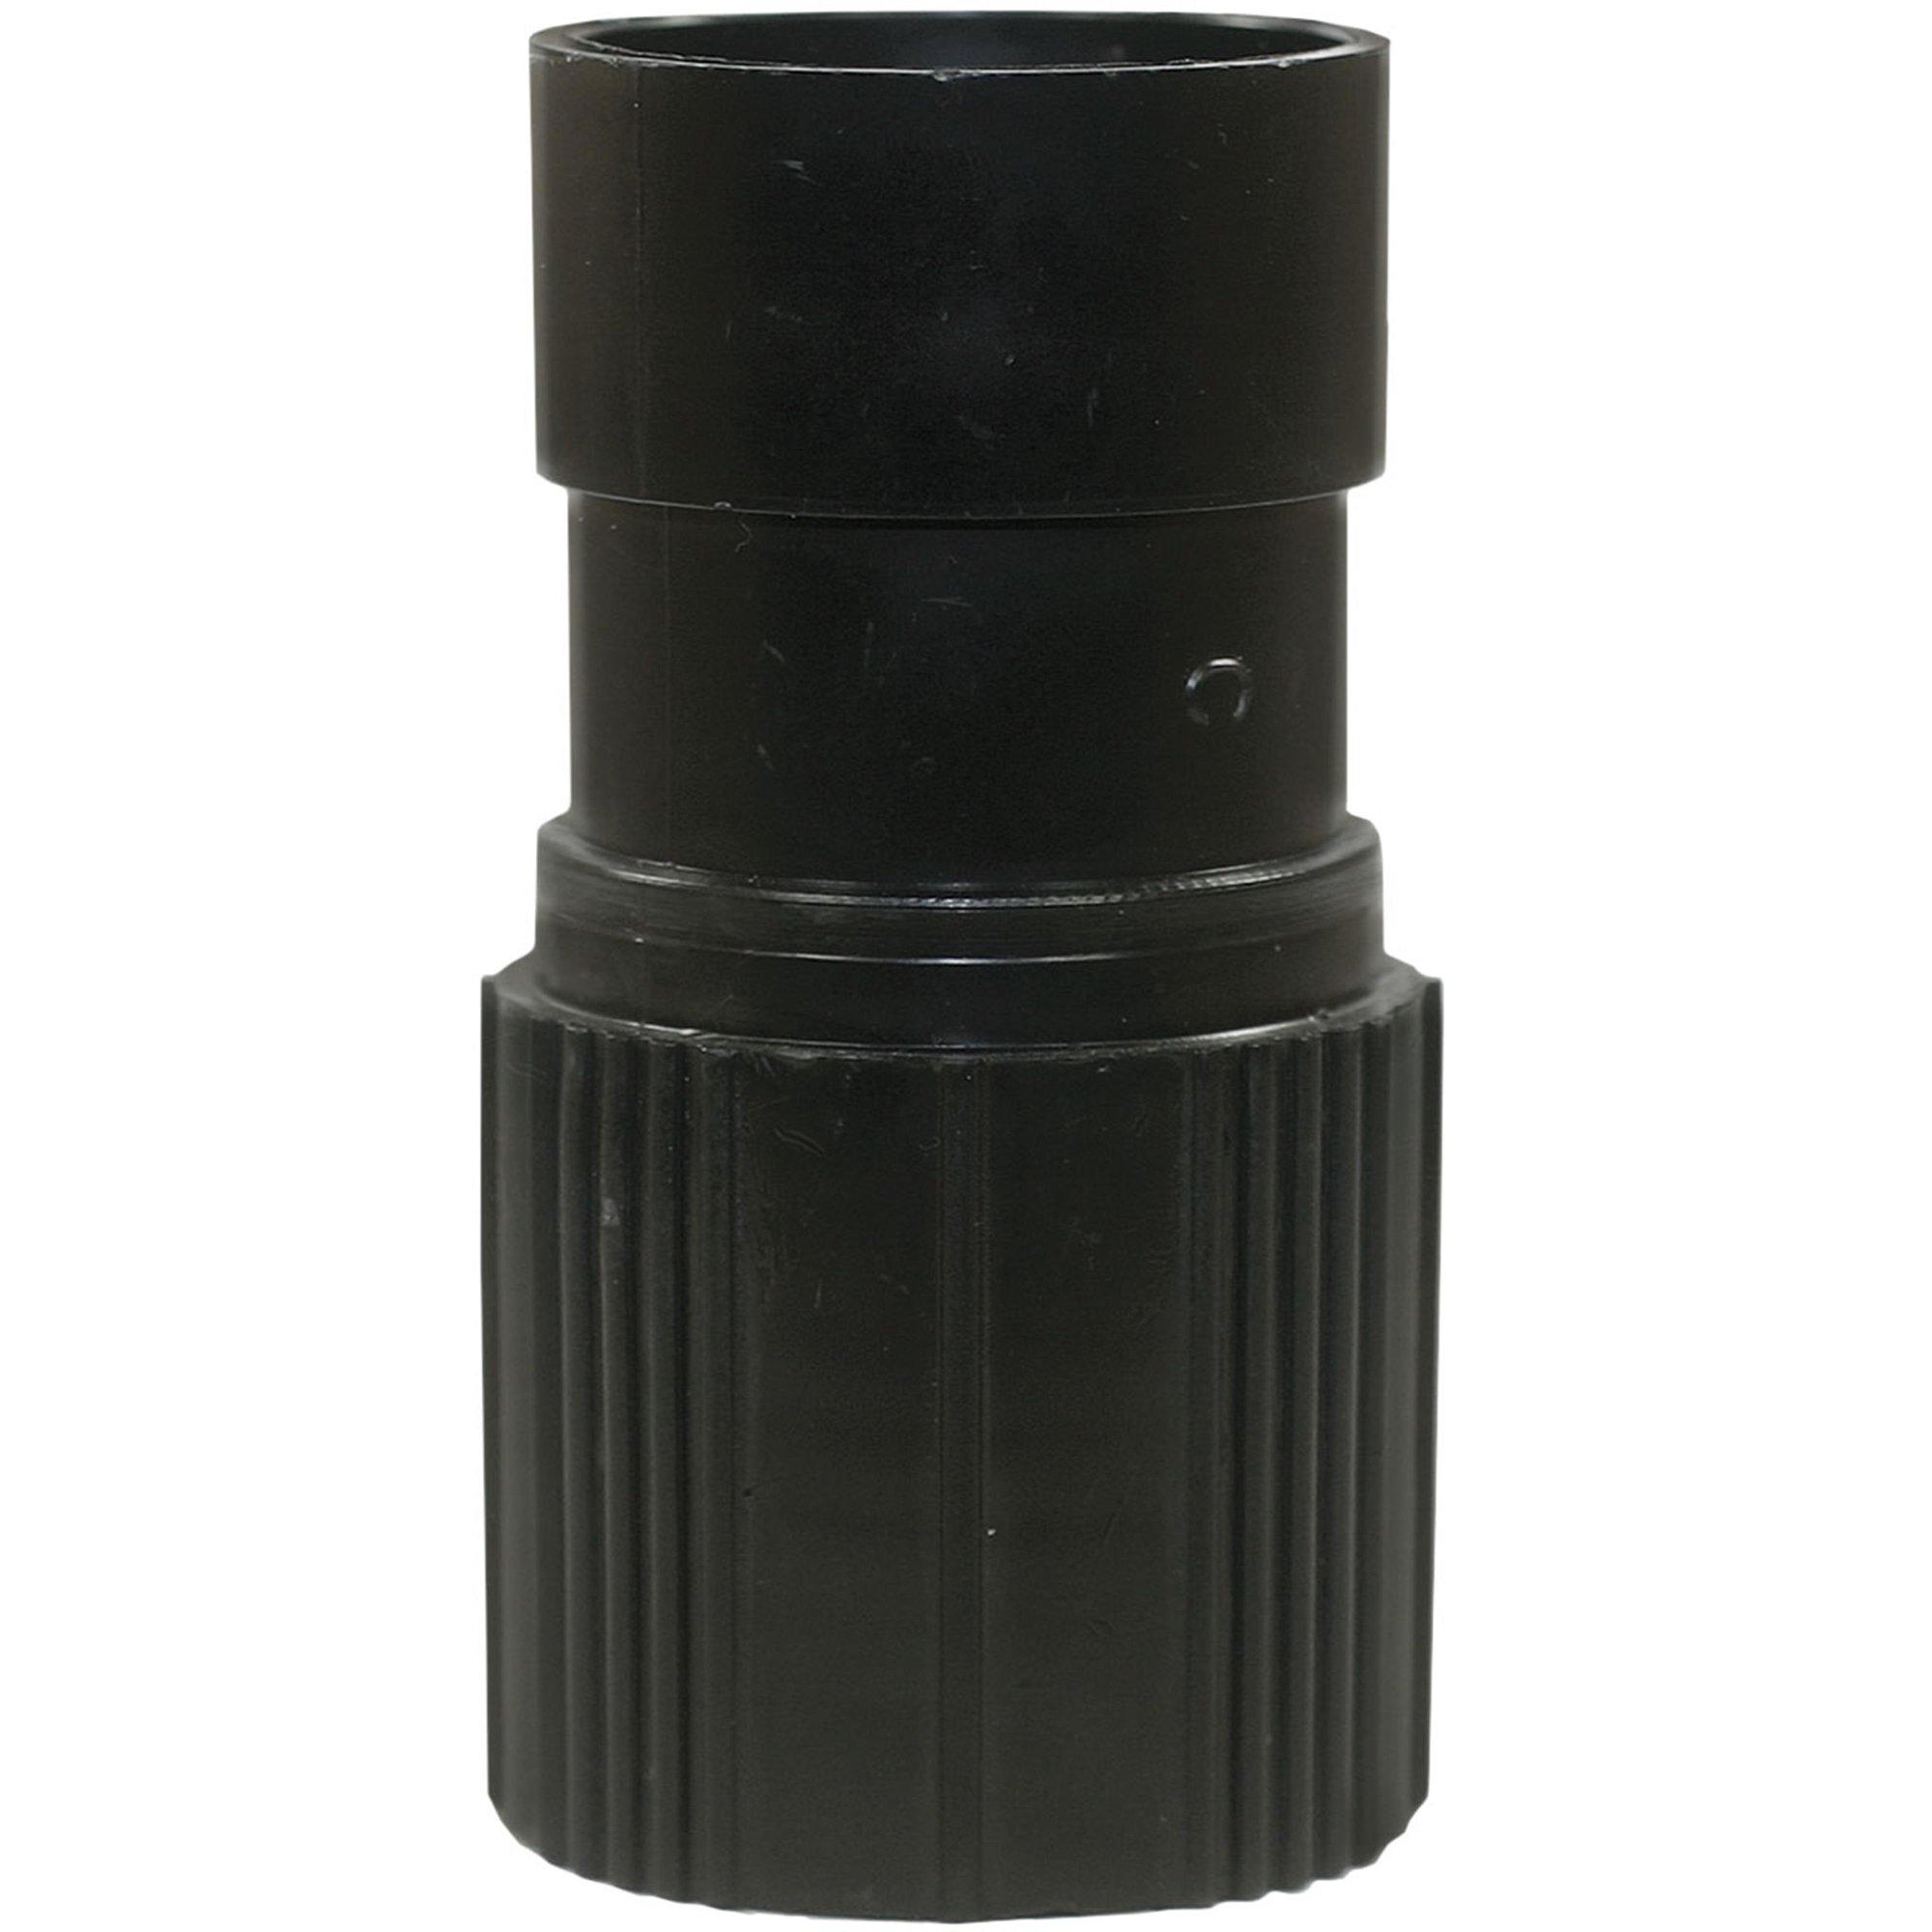 R+M de Wit Muffe Kessel D=58mm Schlauch D=32mm Muffe Kessel 58 mm Schlauch 32 mm